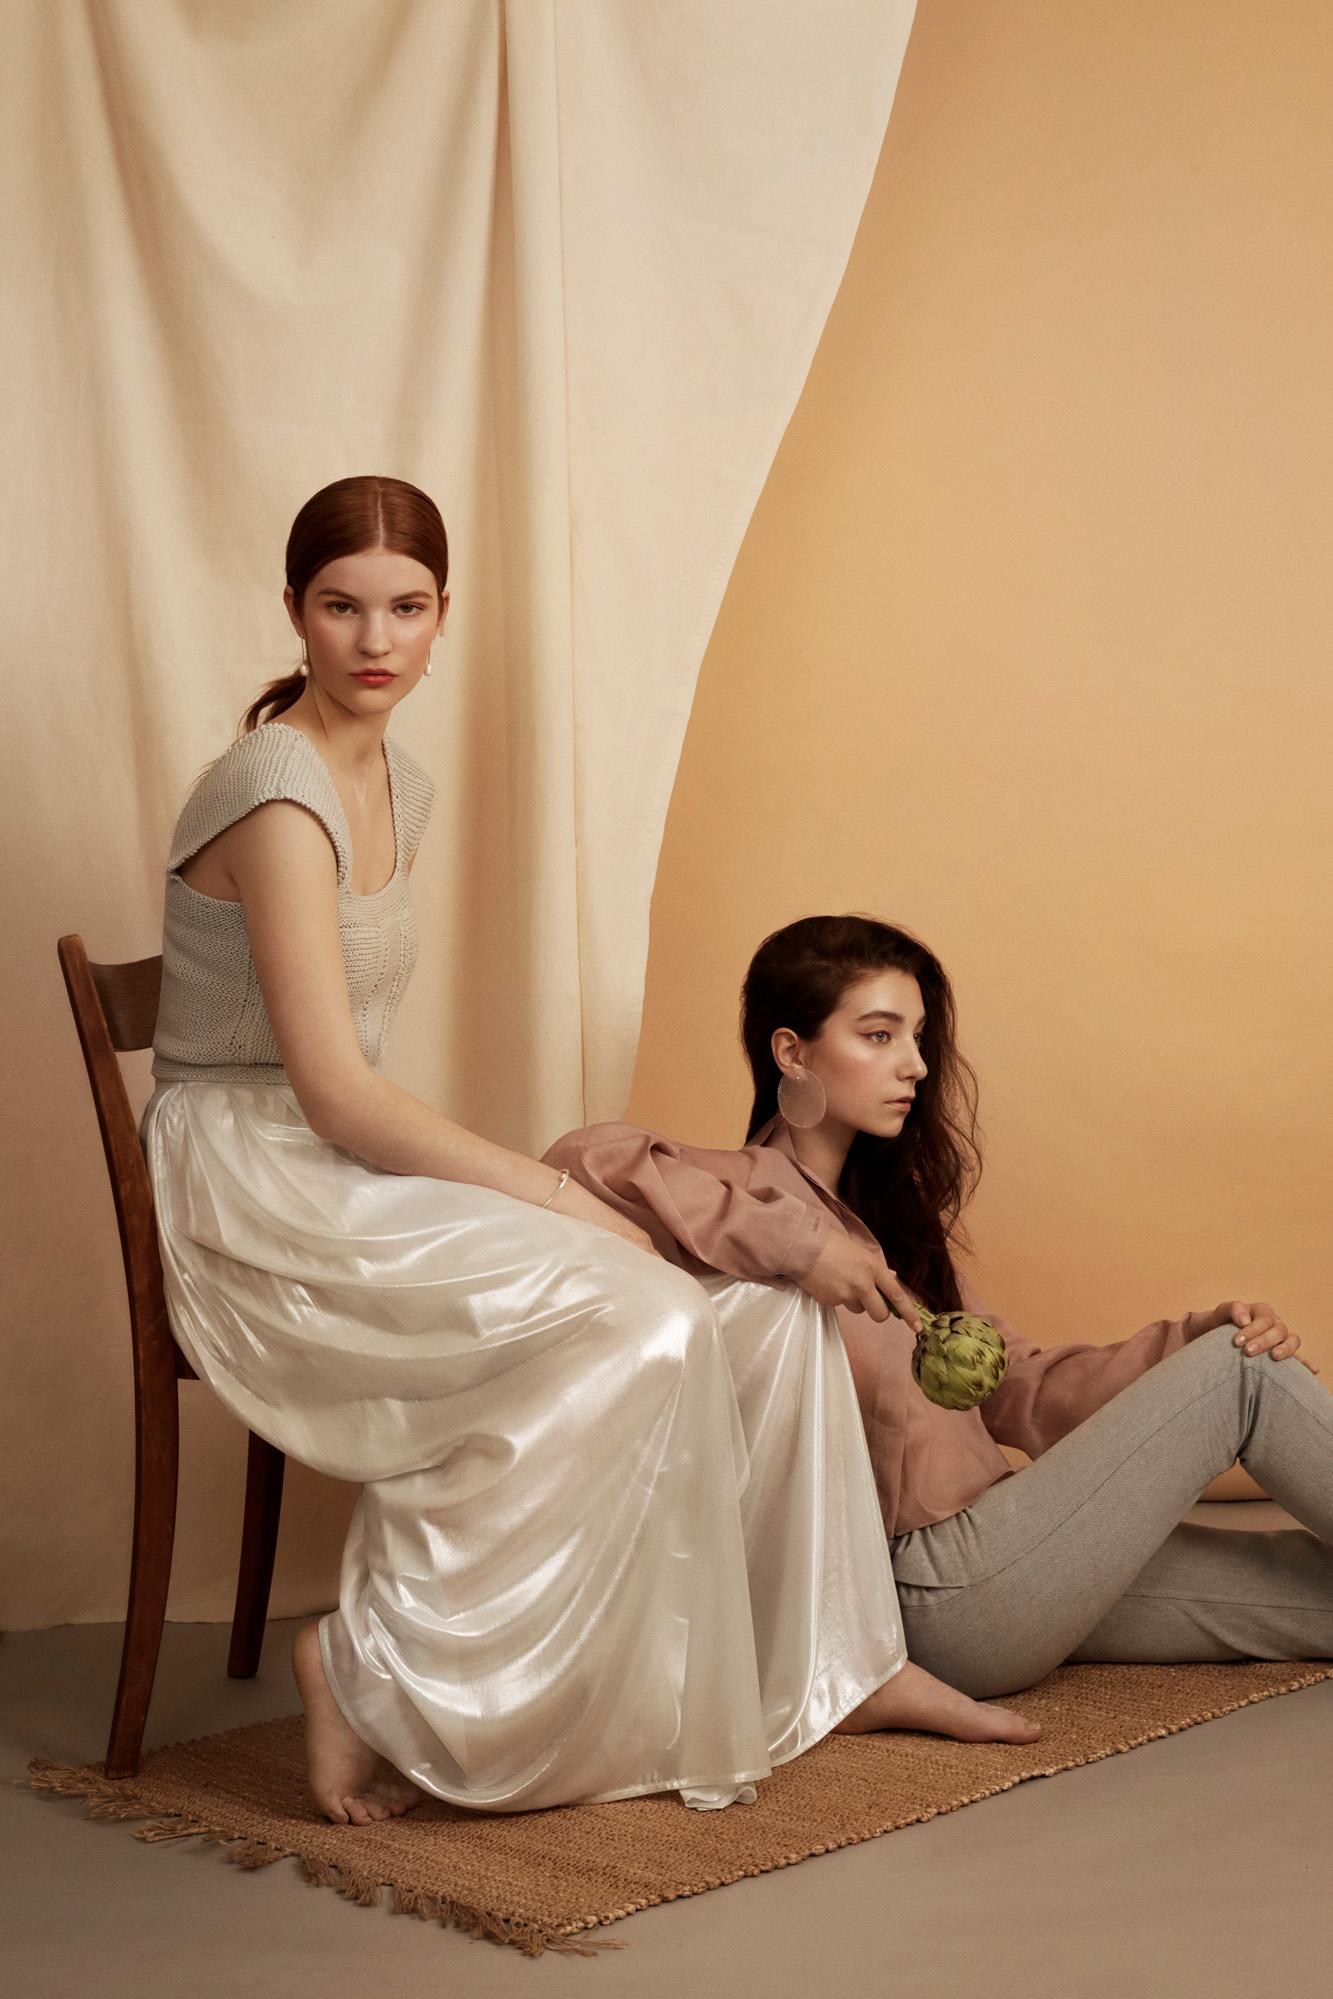 Ayleen Blouse Brachmann  Trousers Daniela Salazar  Earrings TAKK  Elsa Skirt and knitted top Anel  Earrings & bracelet TAKK